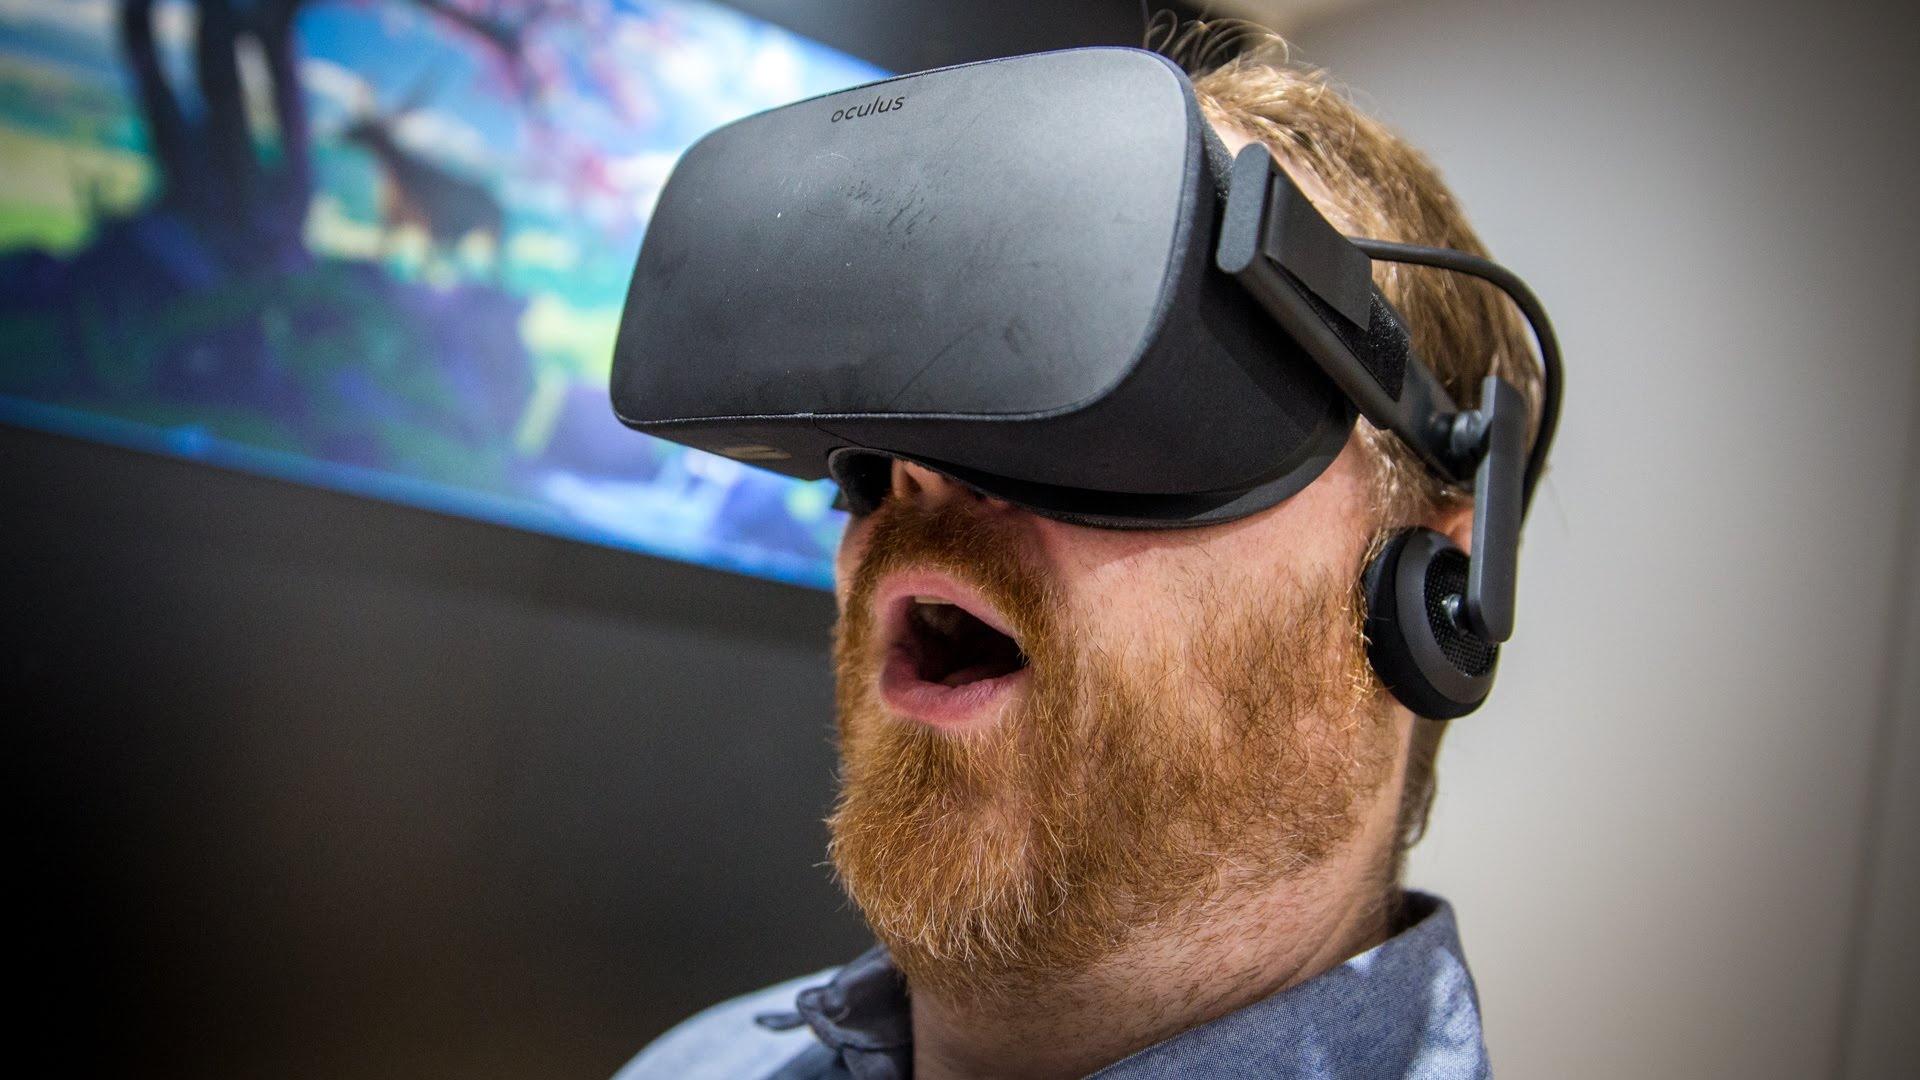 4d343b3c8 VIDEO: Aká je budúcnosť architektúry? Virtuálne okuliare nastupujú ...